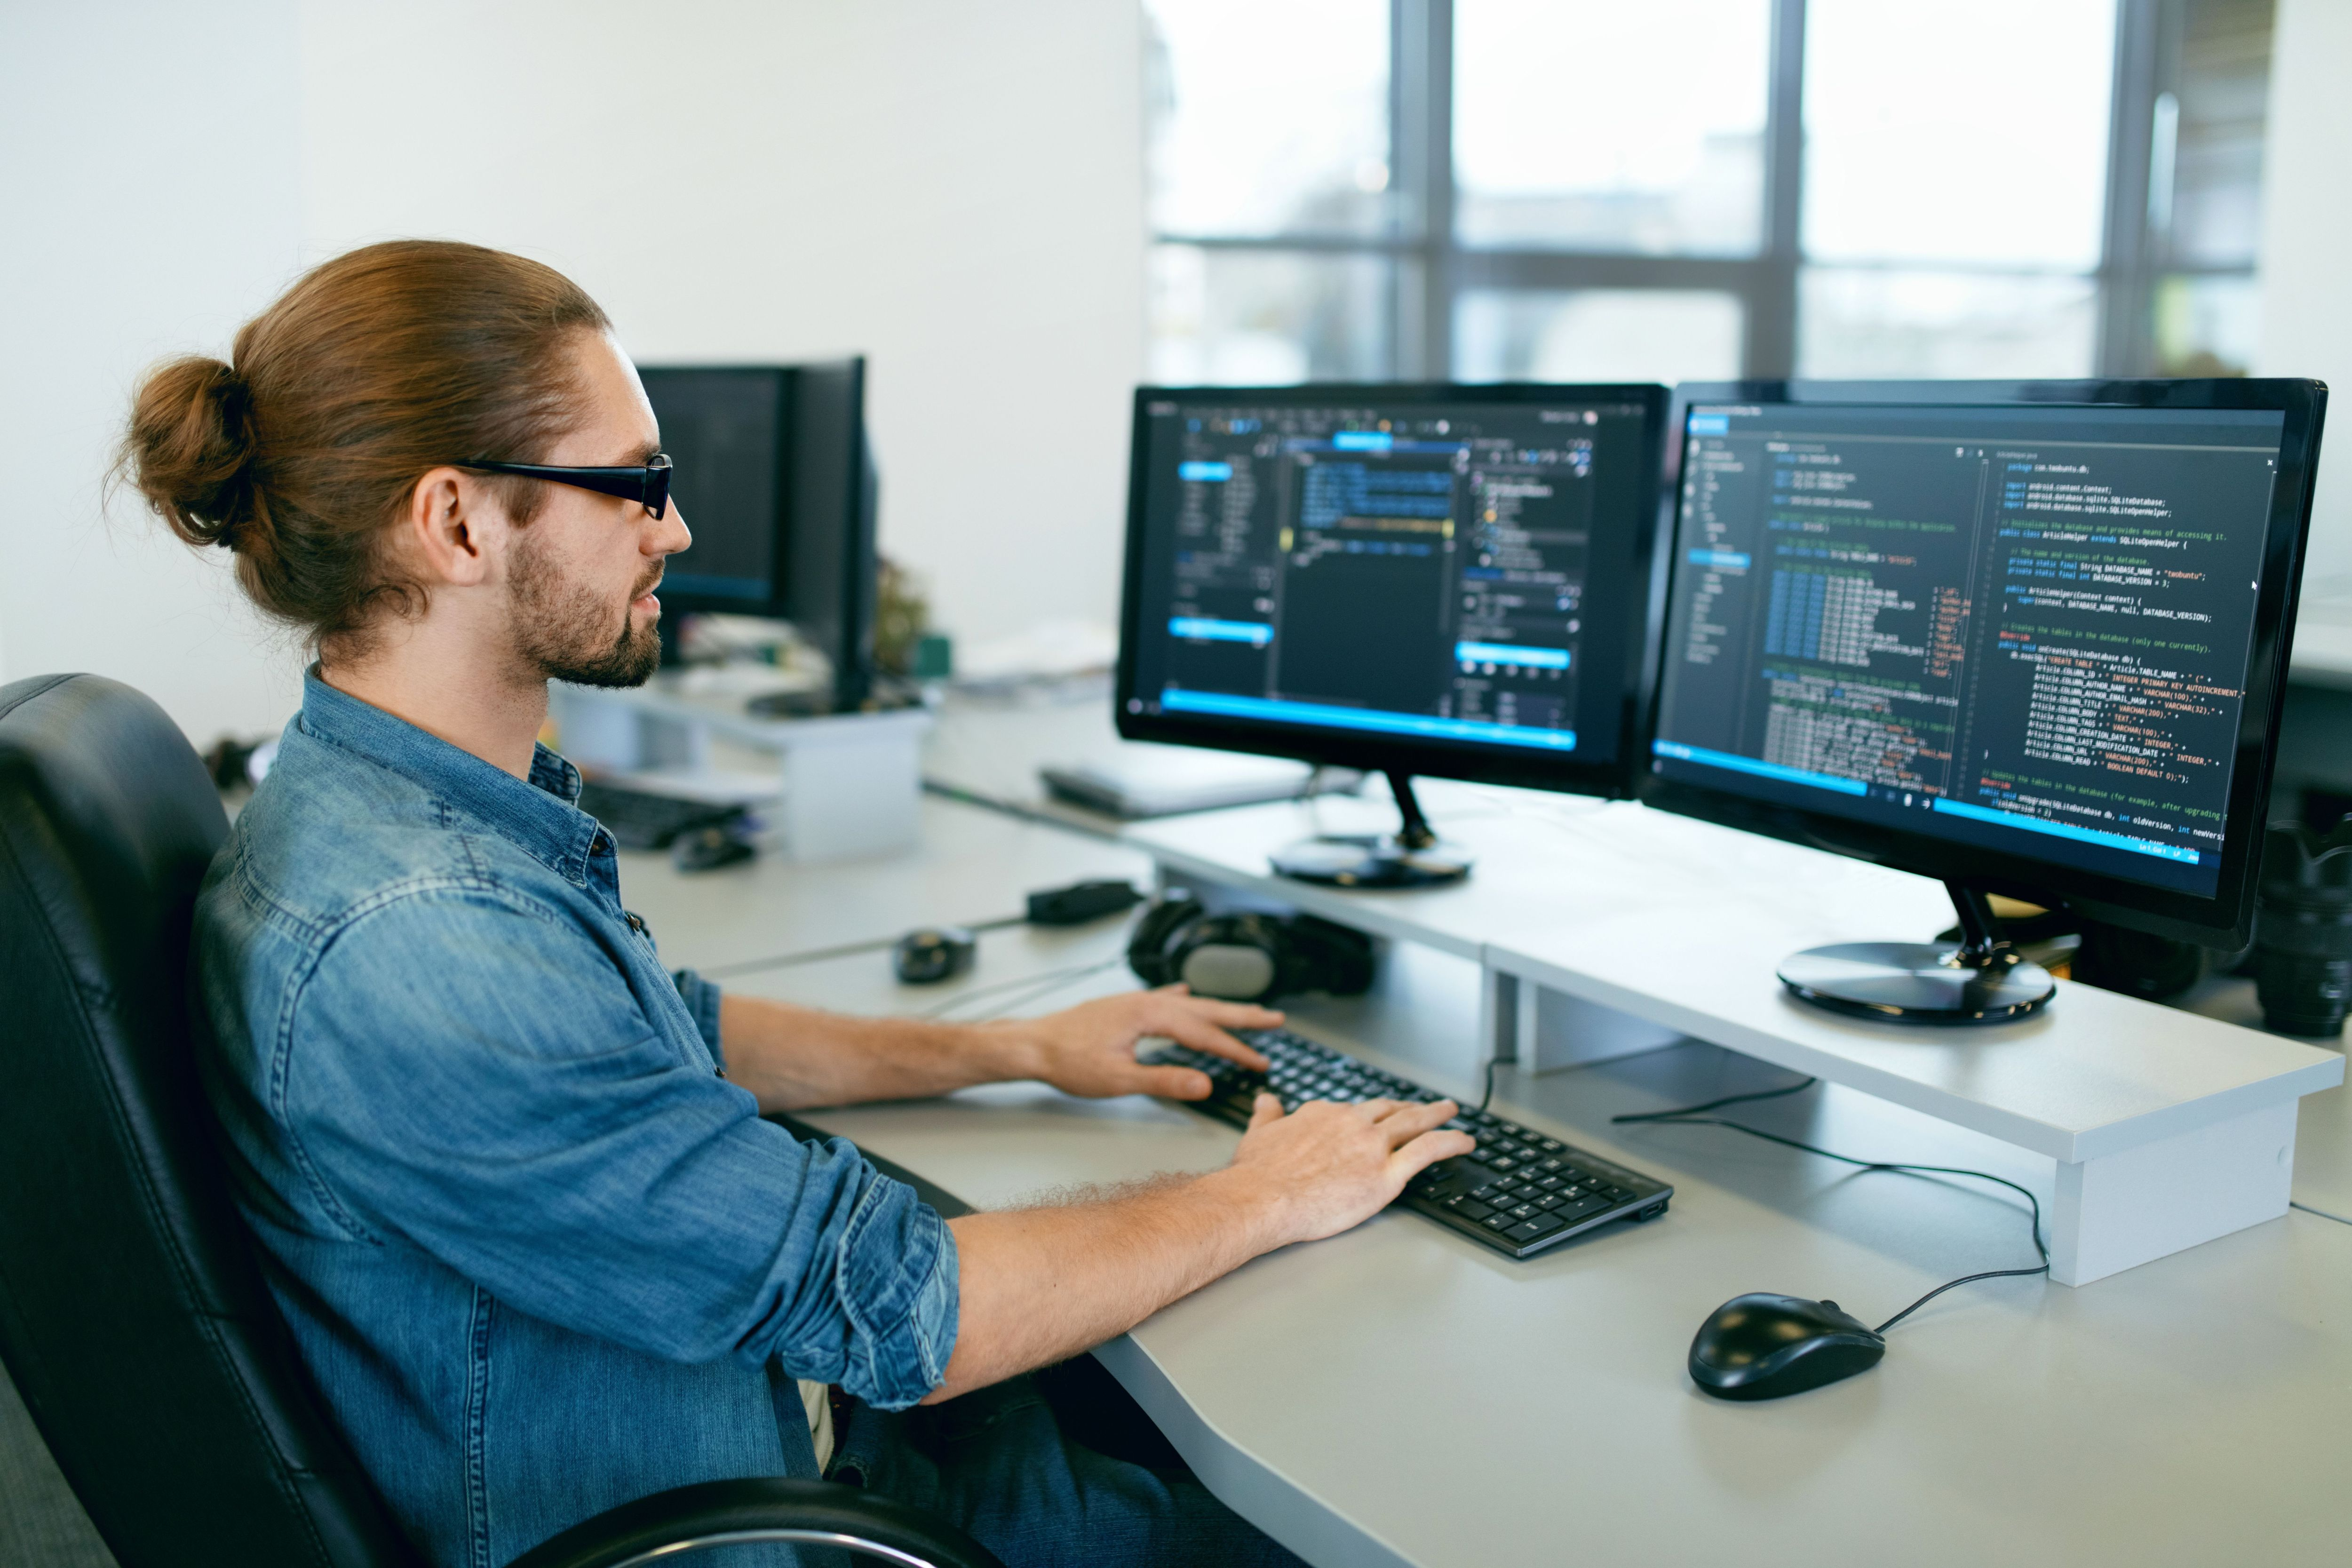 Praca zdalna powoduje, że bariery geograficzne w rekrutacji zanikają, a rekrutacja staje się jeszcze większym wyzwaniem (Fot. Shutterstock)